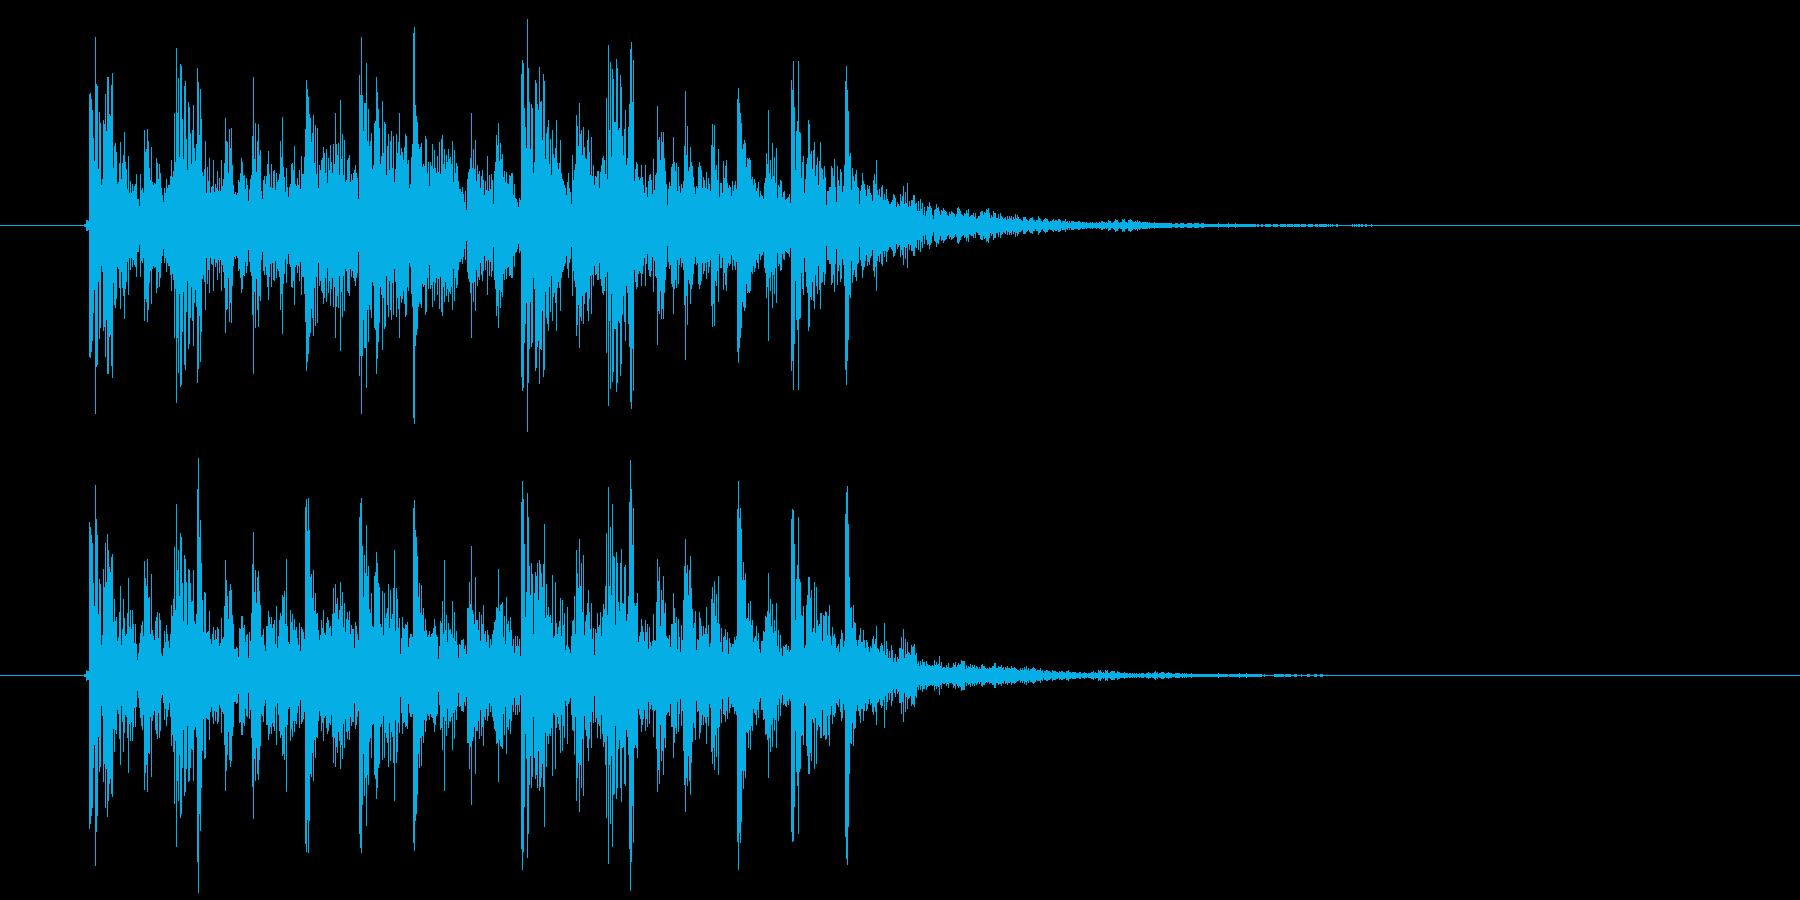 クールなテクノポップスによるジングル曲の再生済みの波形